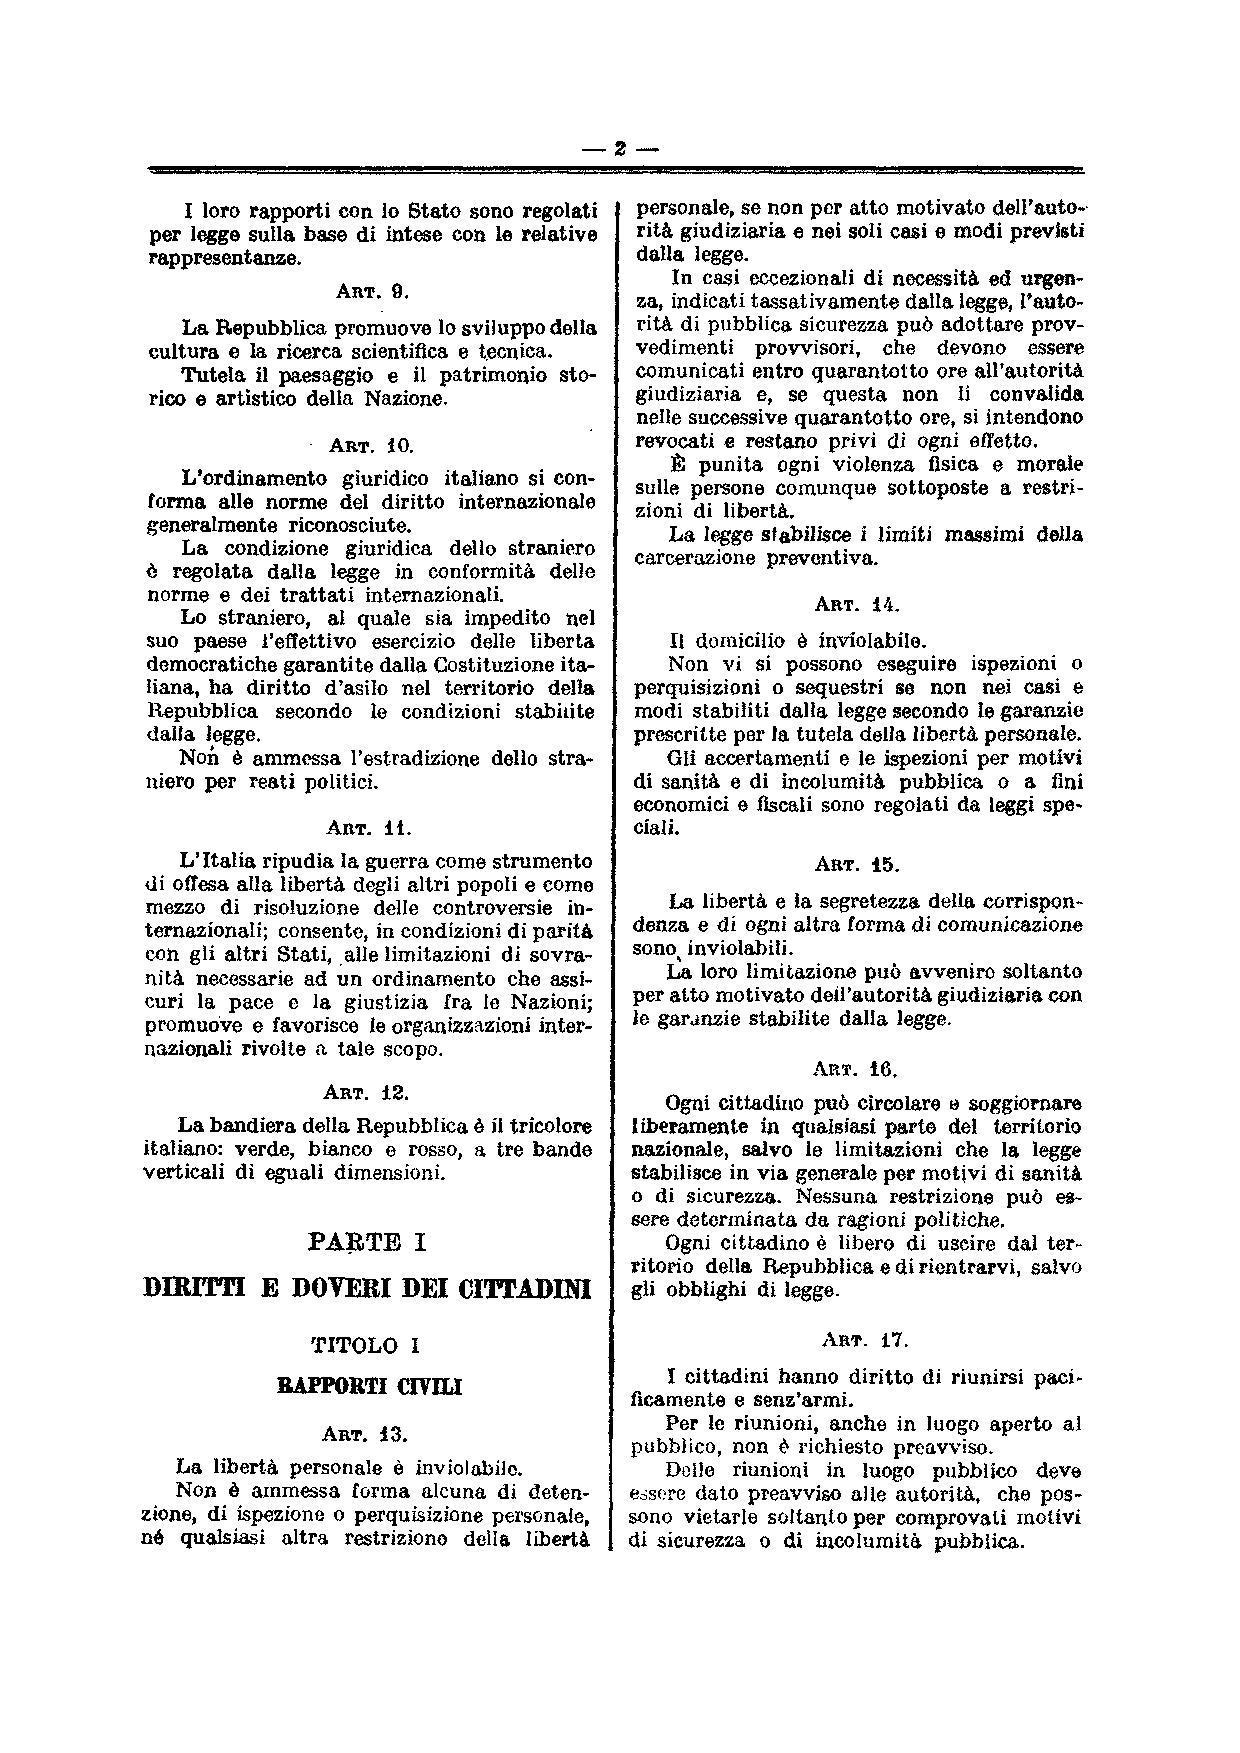 File Italia Repubblica - Costituzione testo originale.pdf